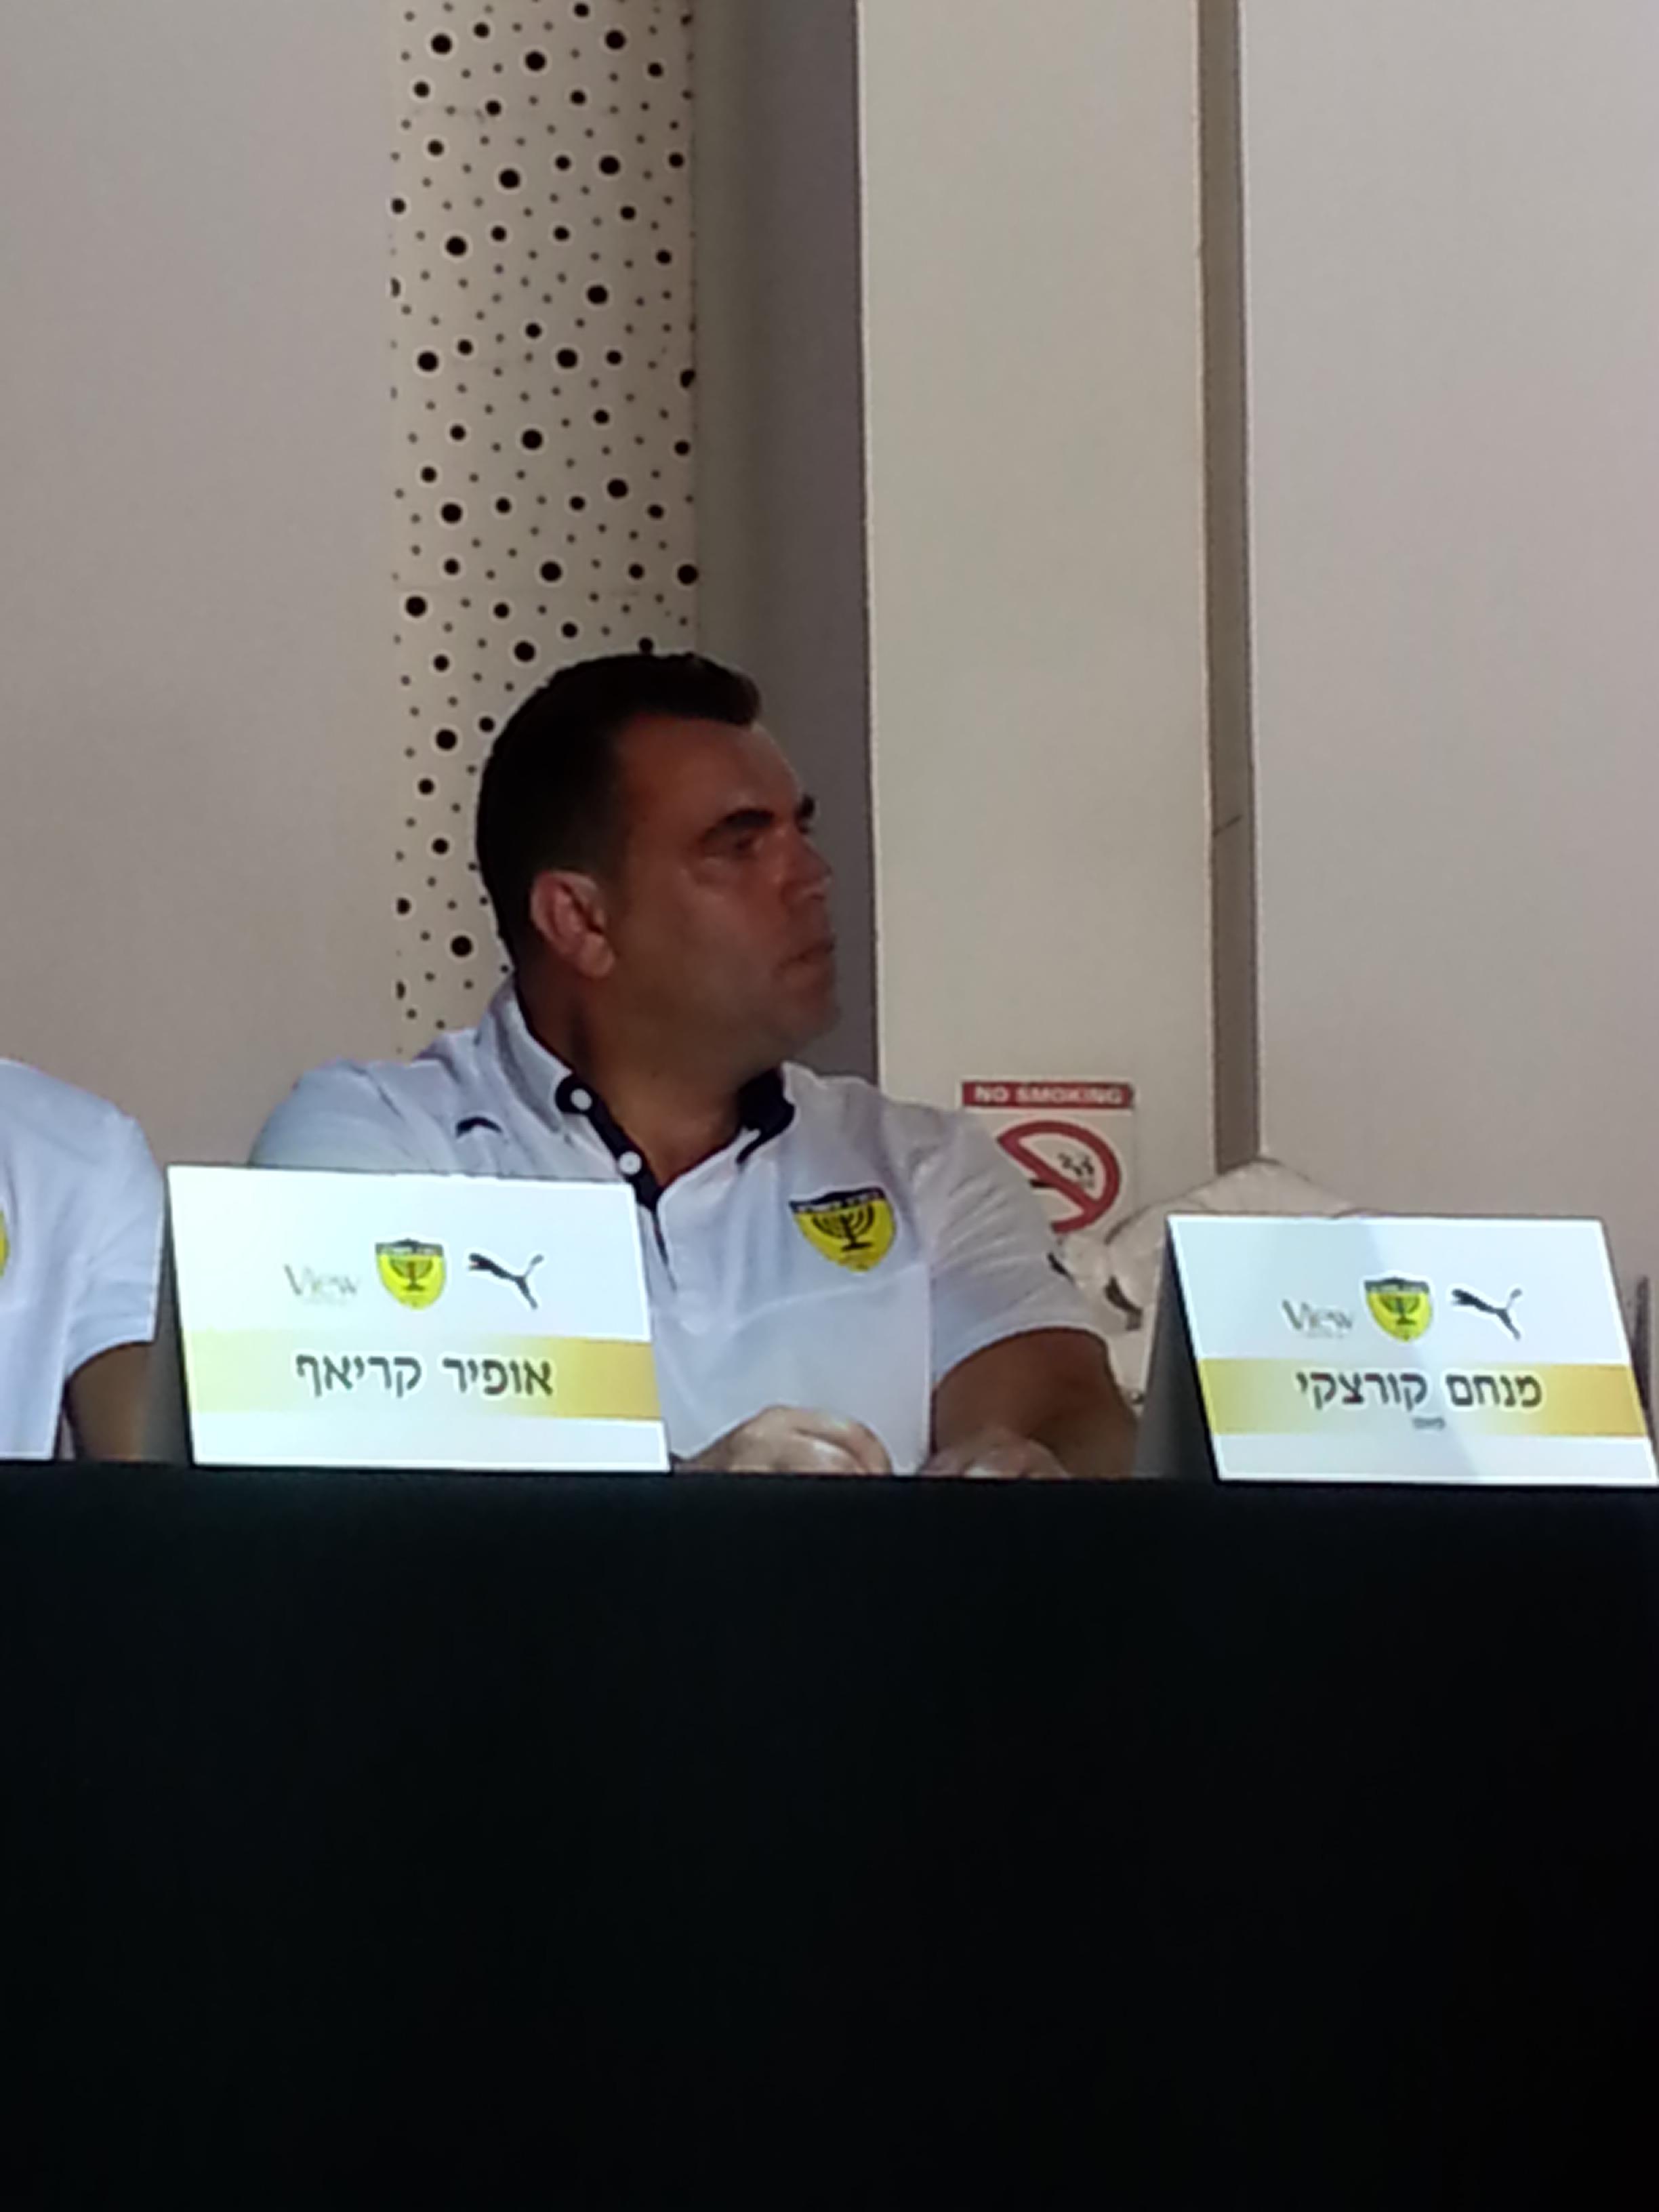 Menachem Koretzky, Beitar Jerusalem's new coach